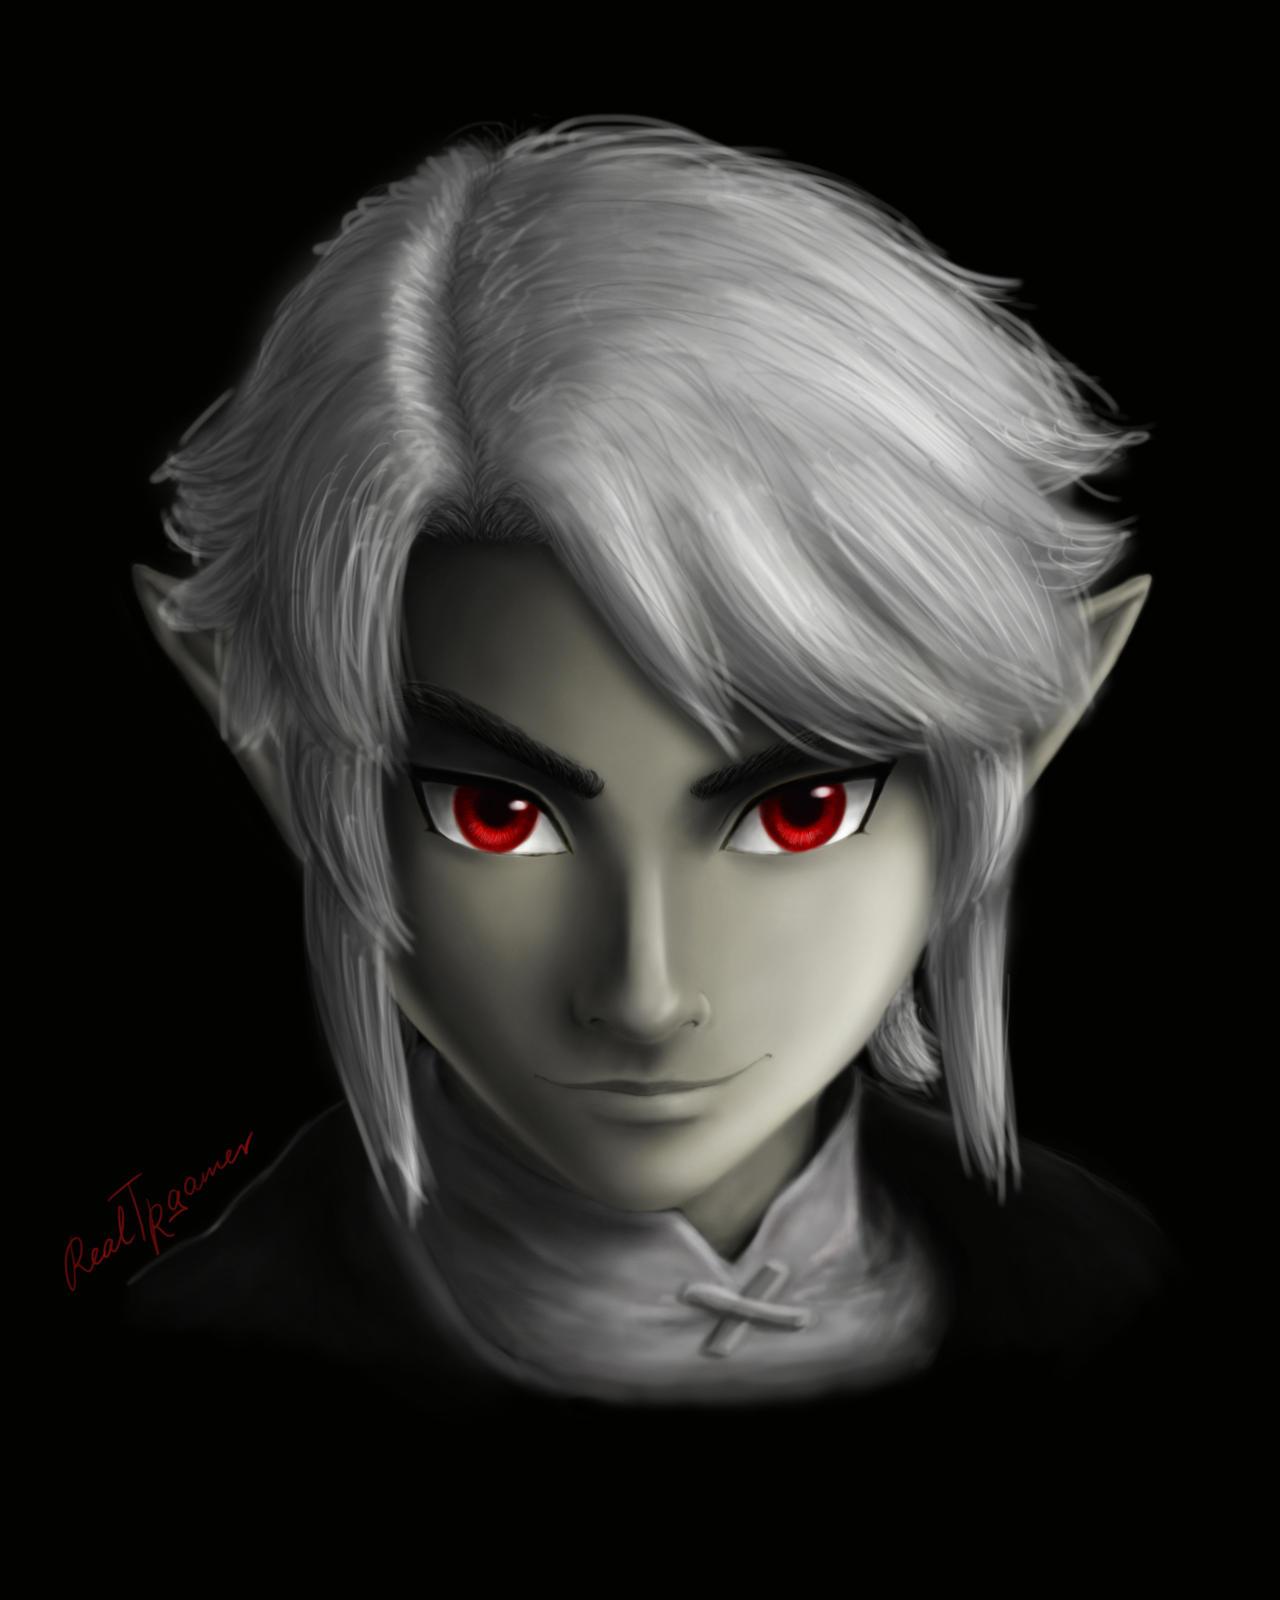 Scarlet Eyes by RealTRgamer